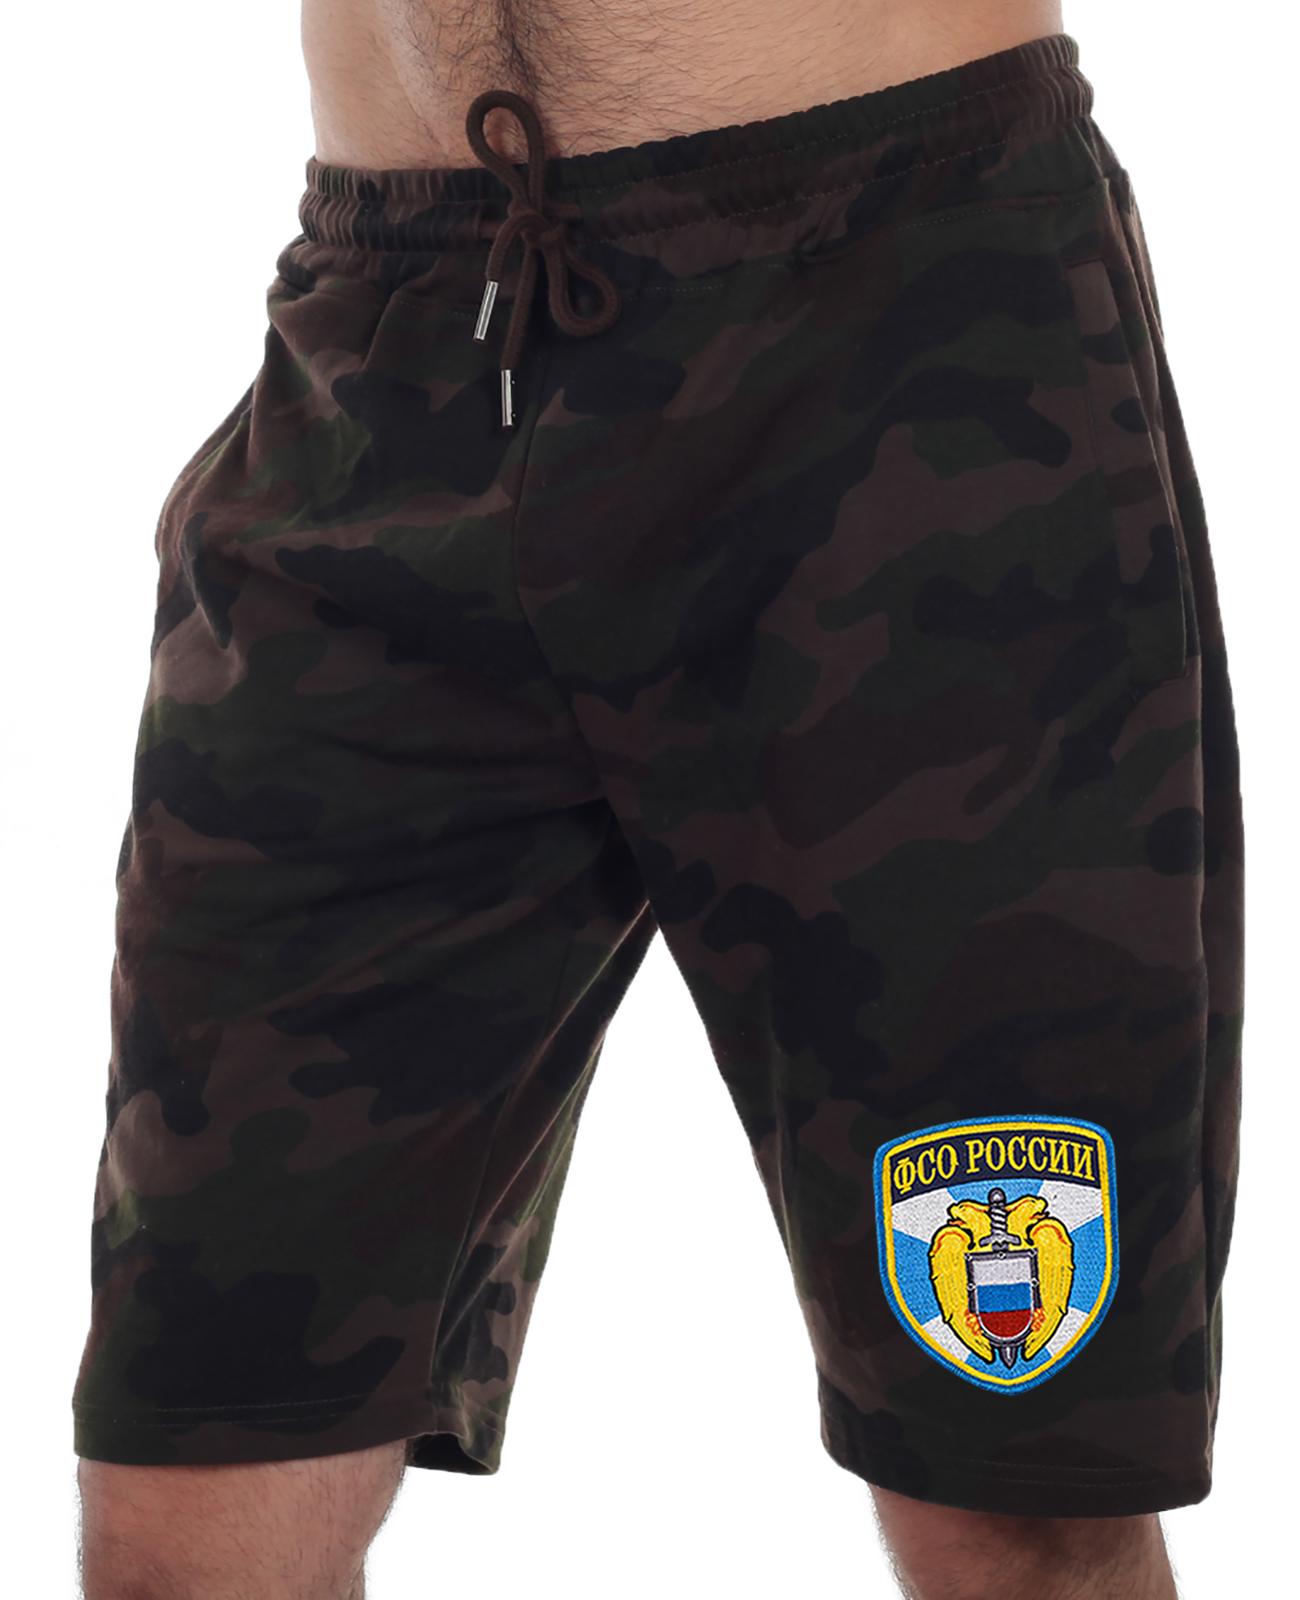 Купить армейские надежные шорты с нашивкой ФСО в подарок мужчине